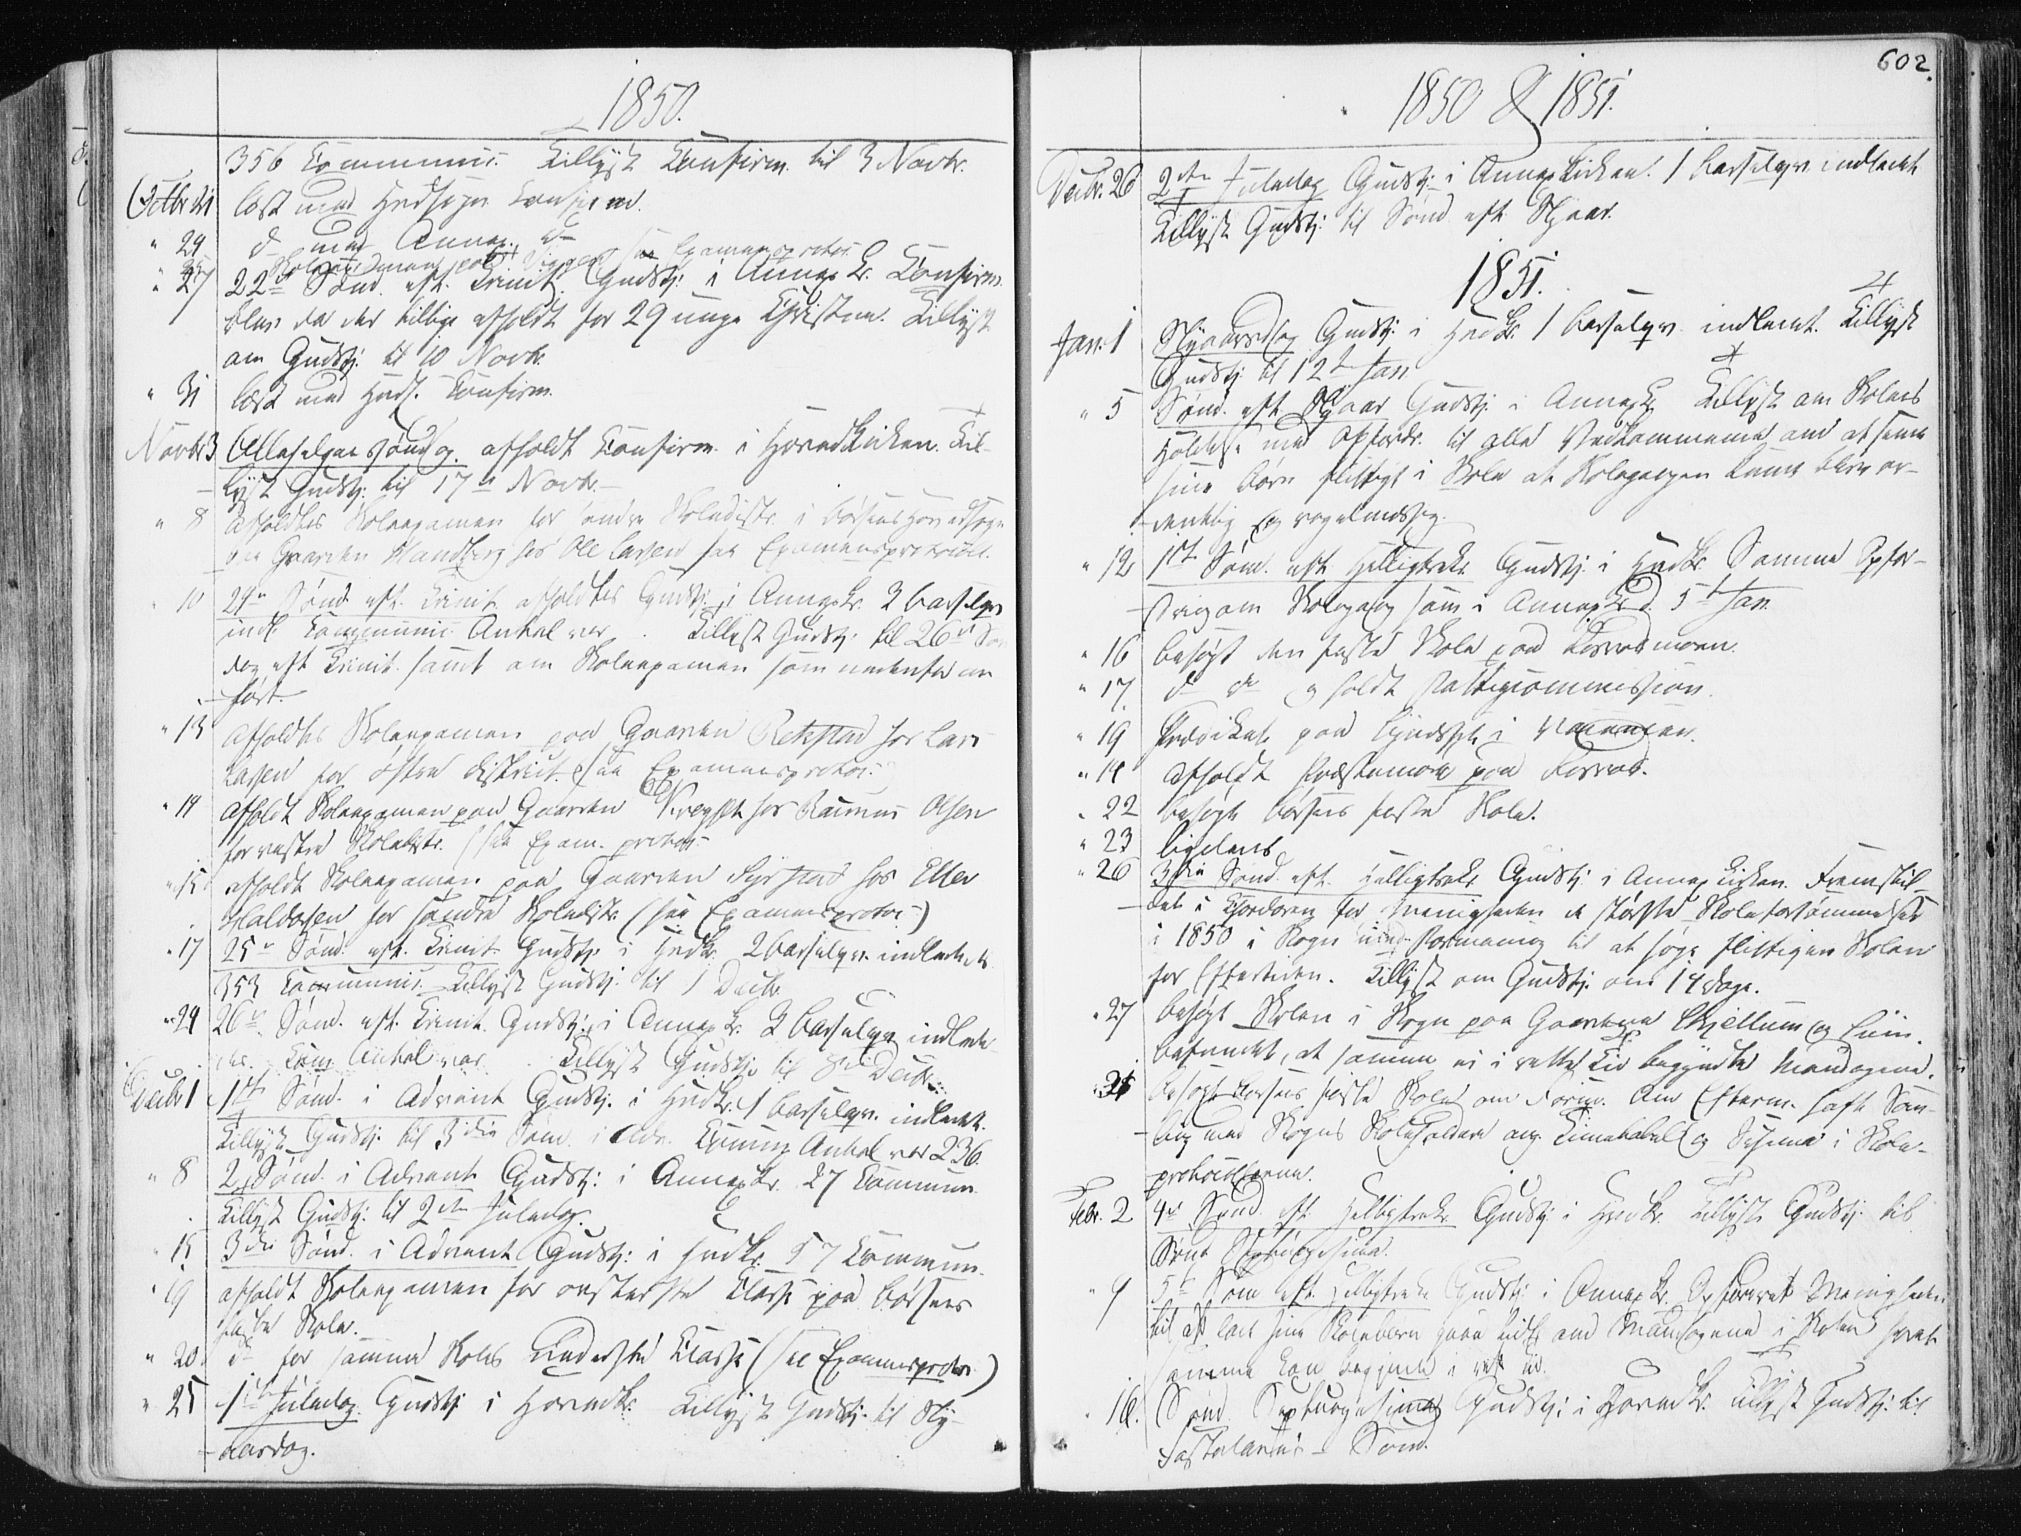 SAT, Ministerialprotokoller, klokkerbøker og fødselsregistre - Sør-Trøndelag, 665/L0771: Ministerialbok nr. 665A06, 1830-1856, s. 602